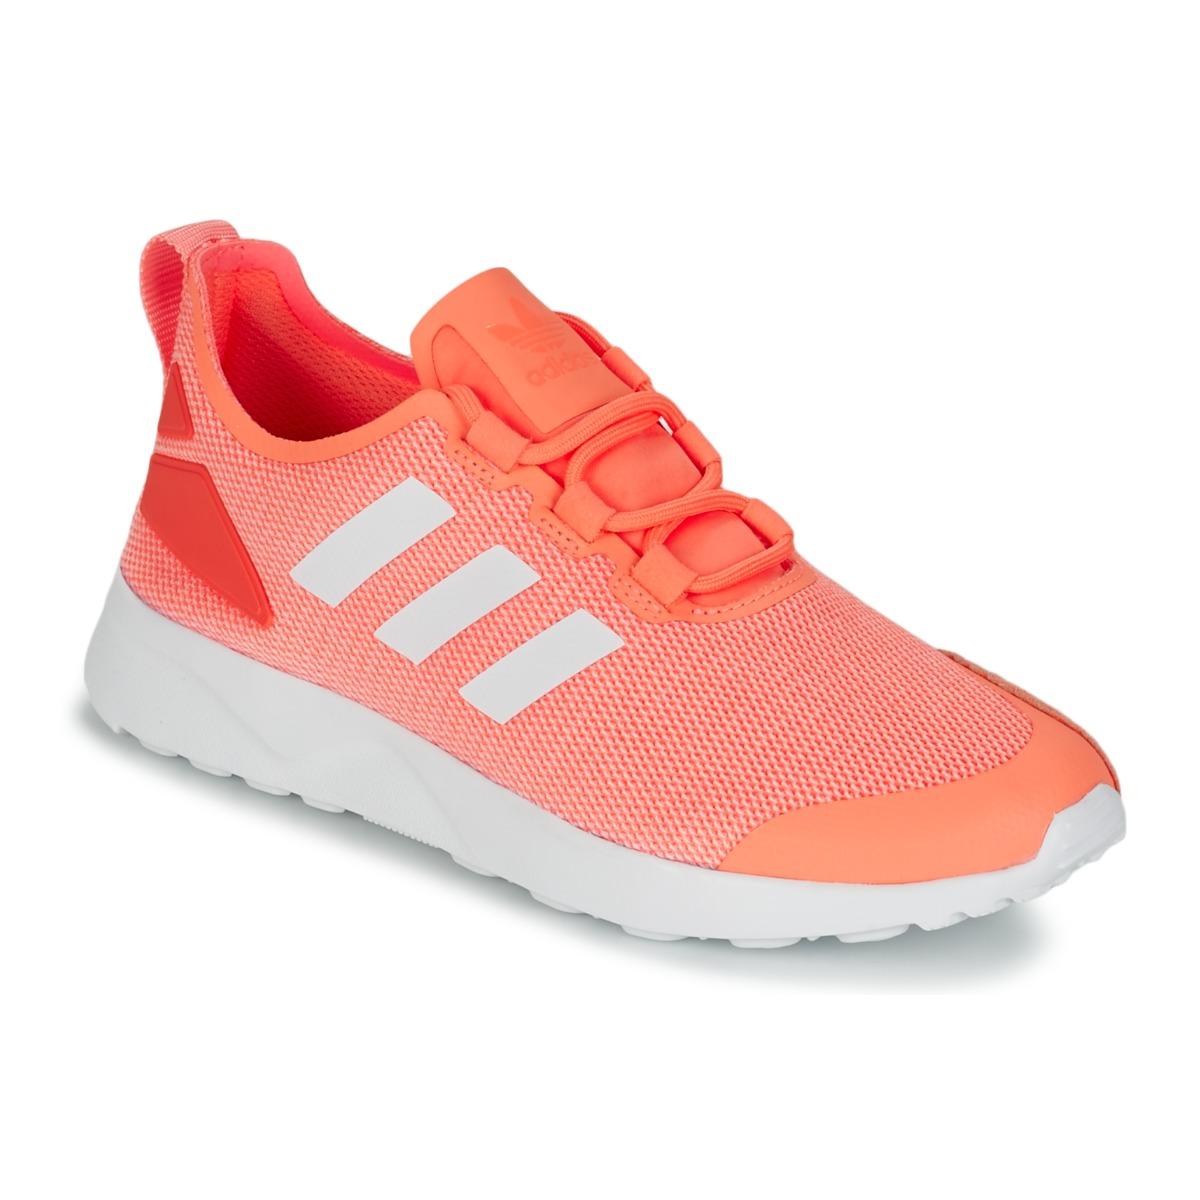 adidas Originals ZX FLUX ADV VERVE W Crème / gelb / Leuchtend - Kostenloser Versand bei Spartoode ! - Schuhe Sneaker Low Damen 55,00 €